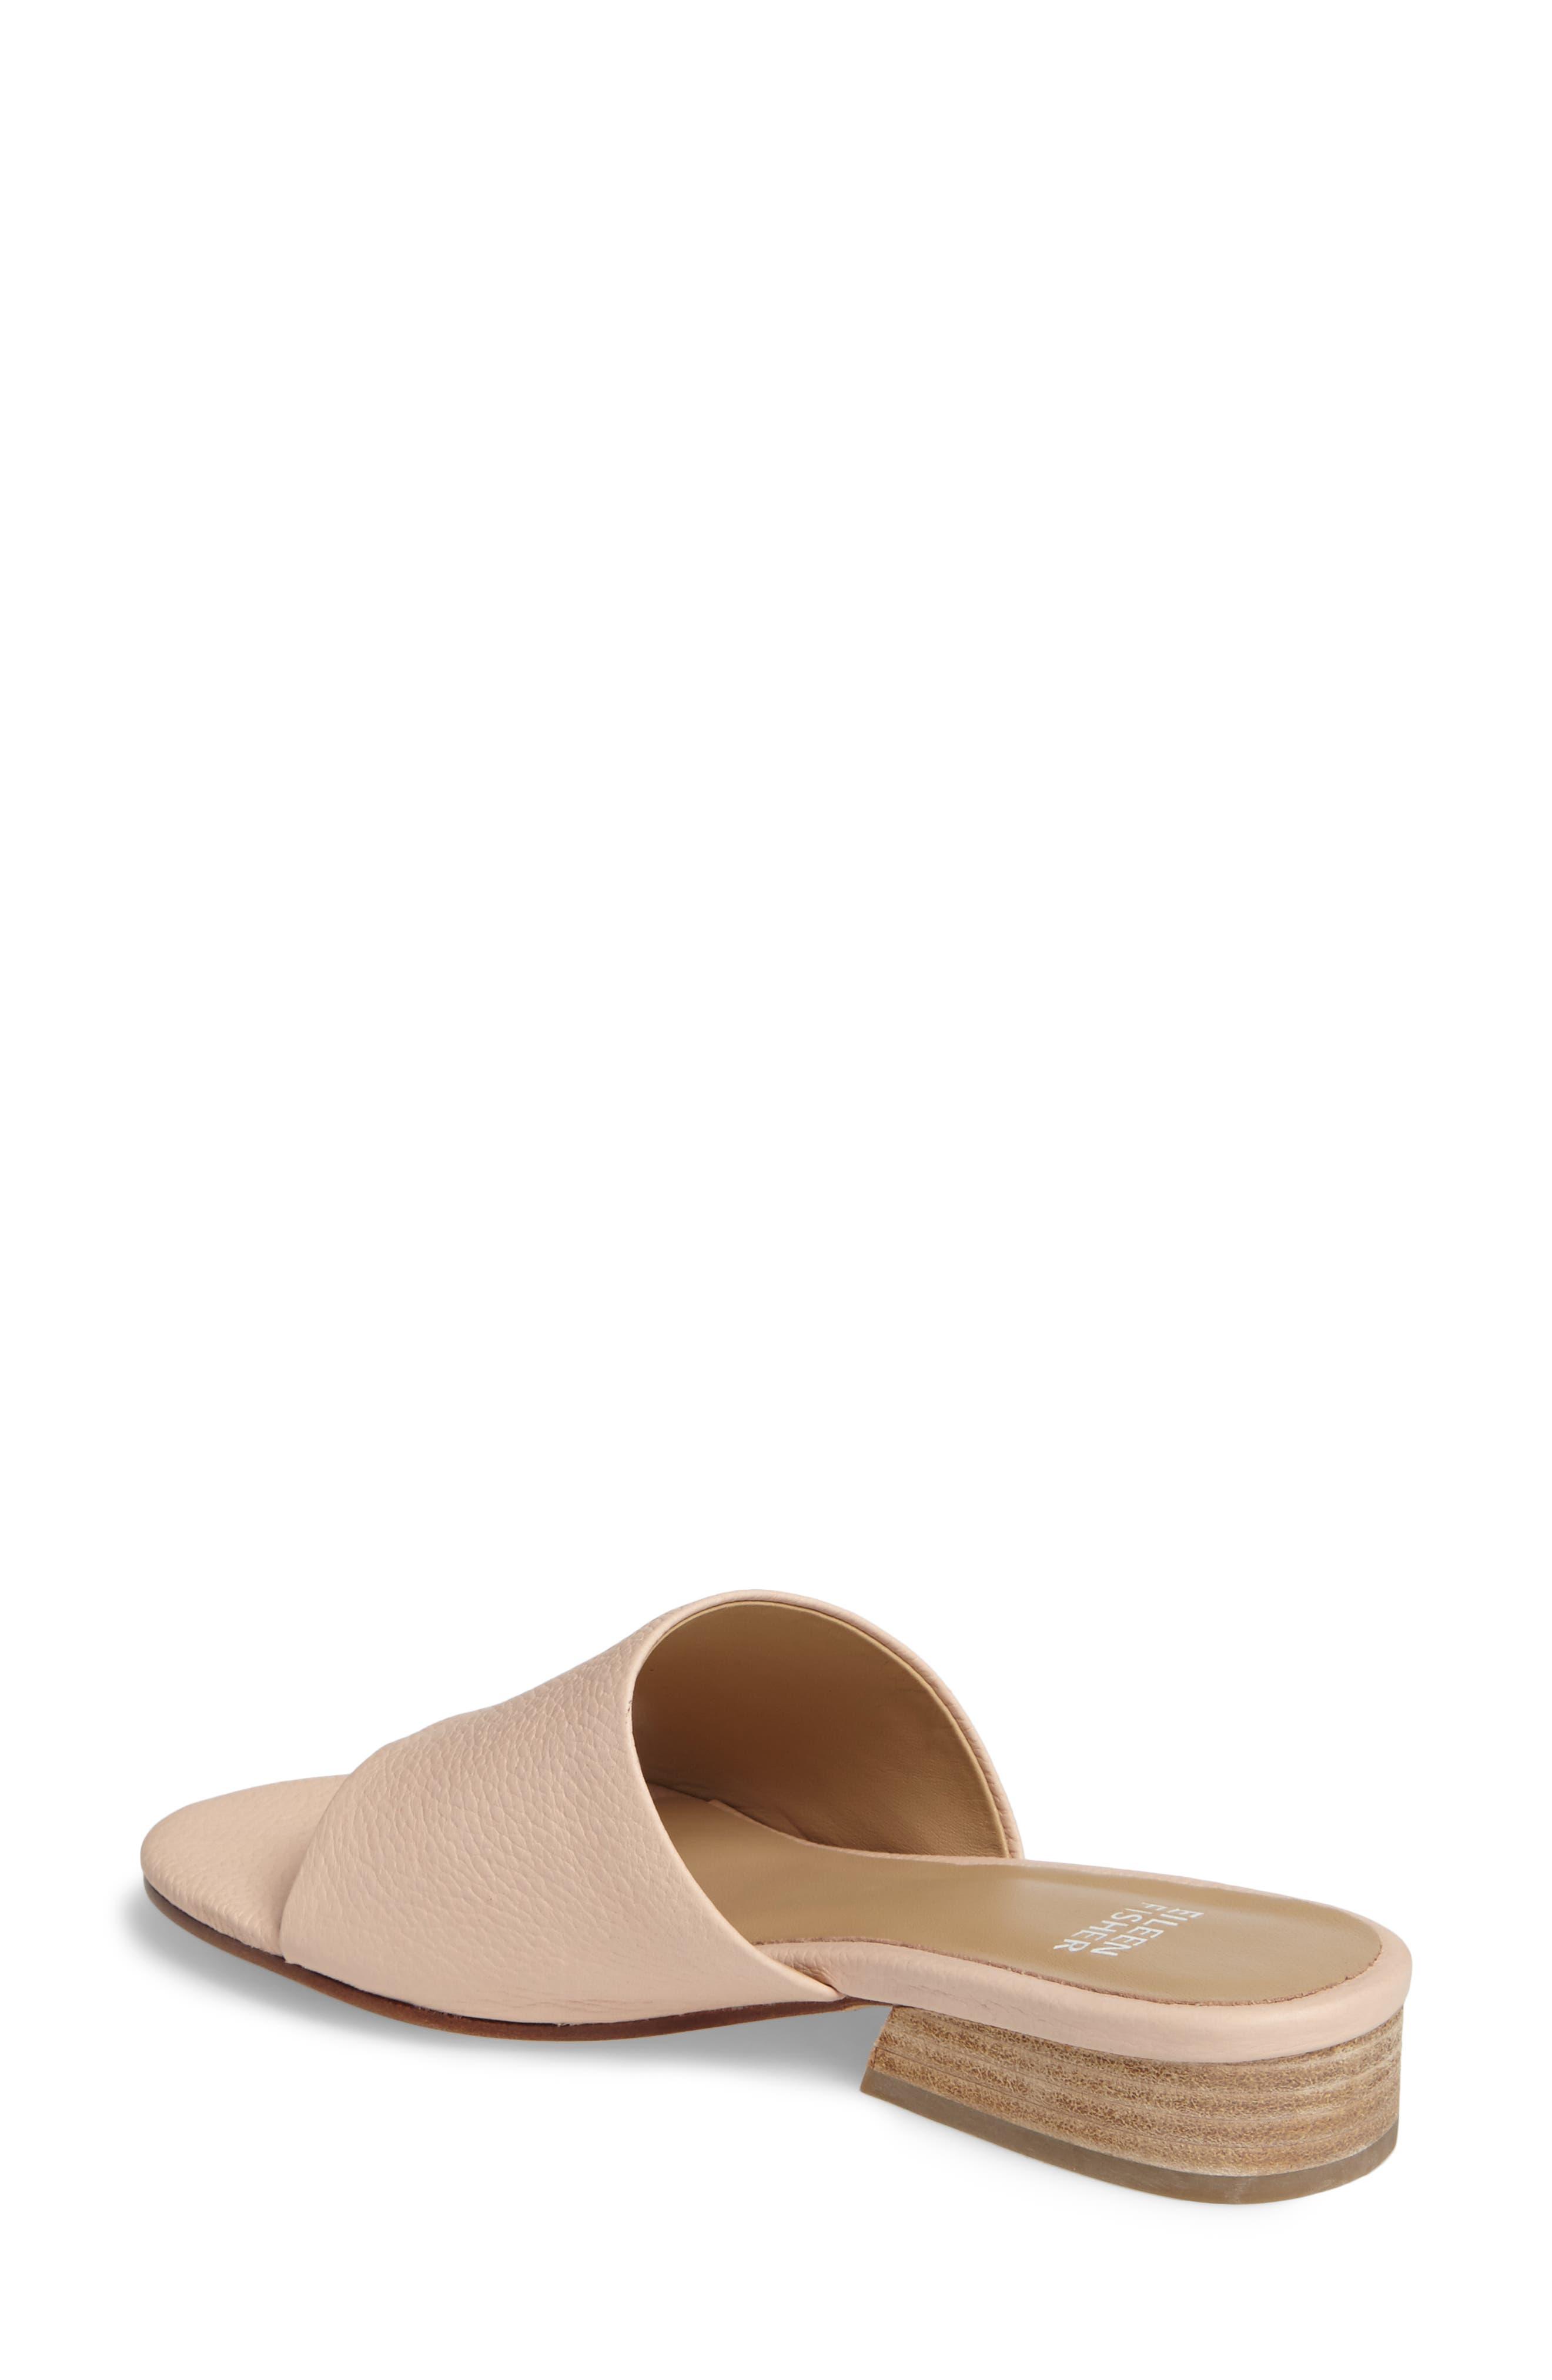 Alternate Image 2  - Eileen Fisher Beal Slide Sandal (Women)